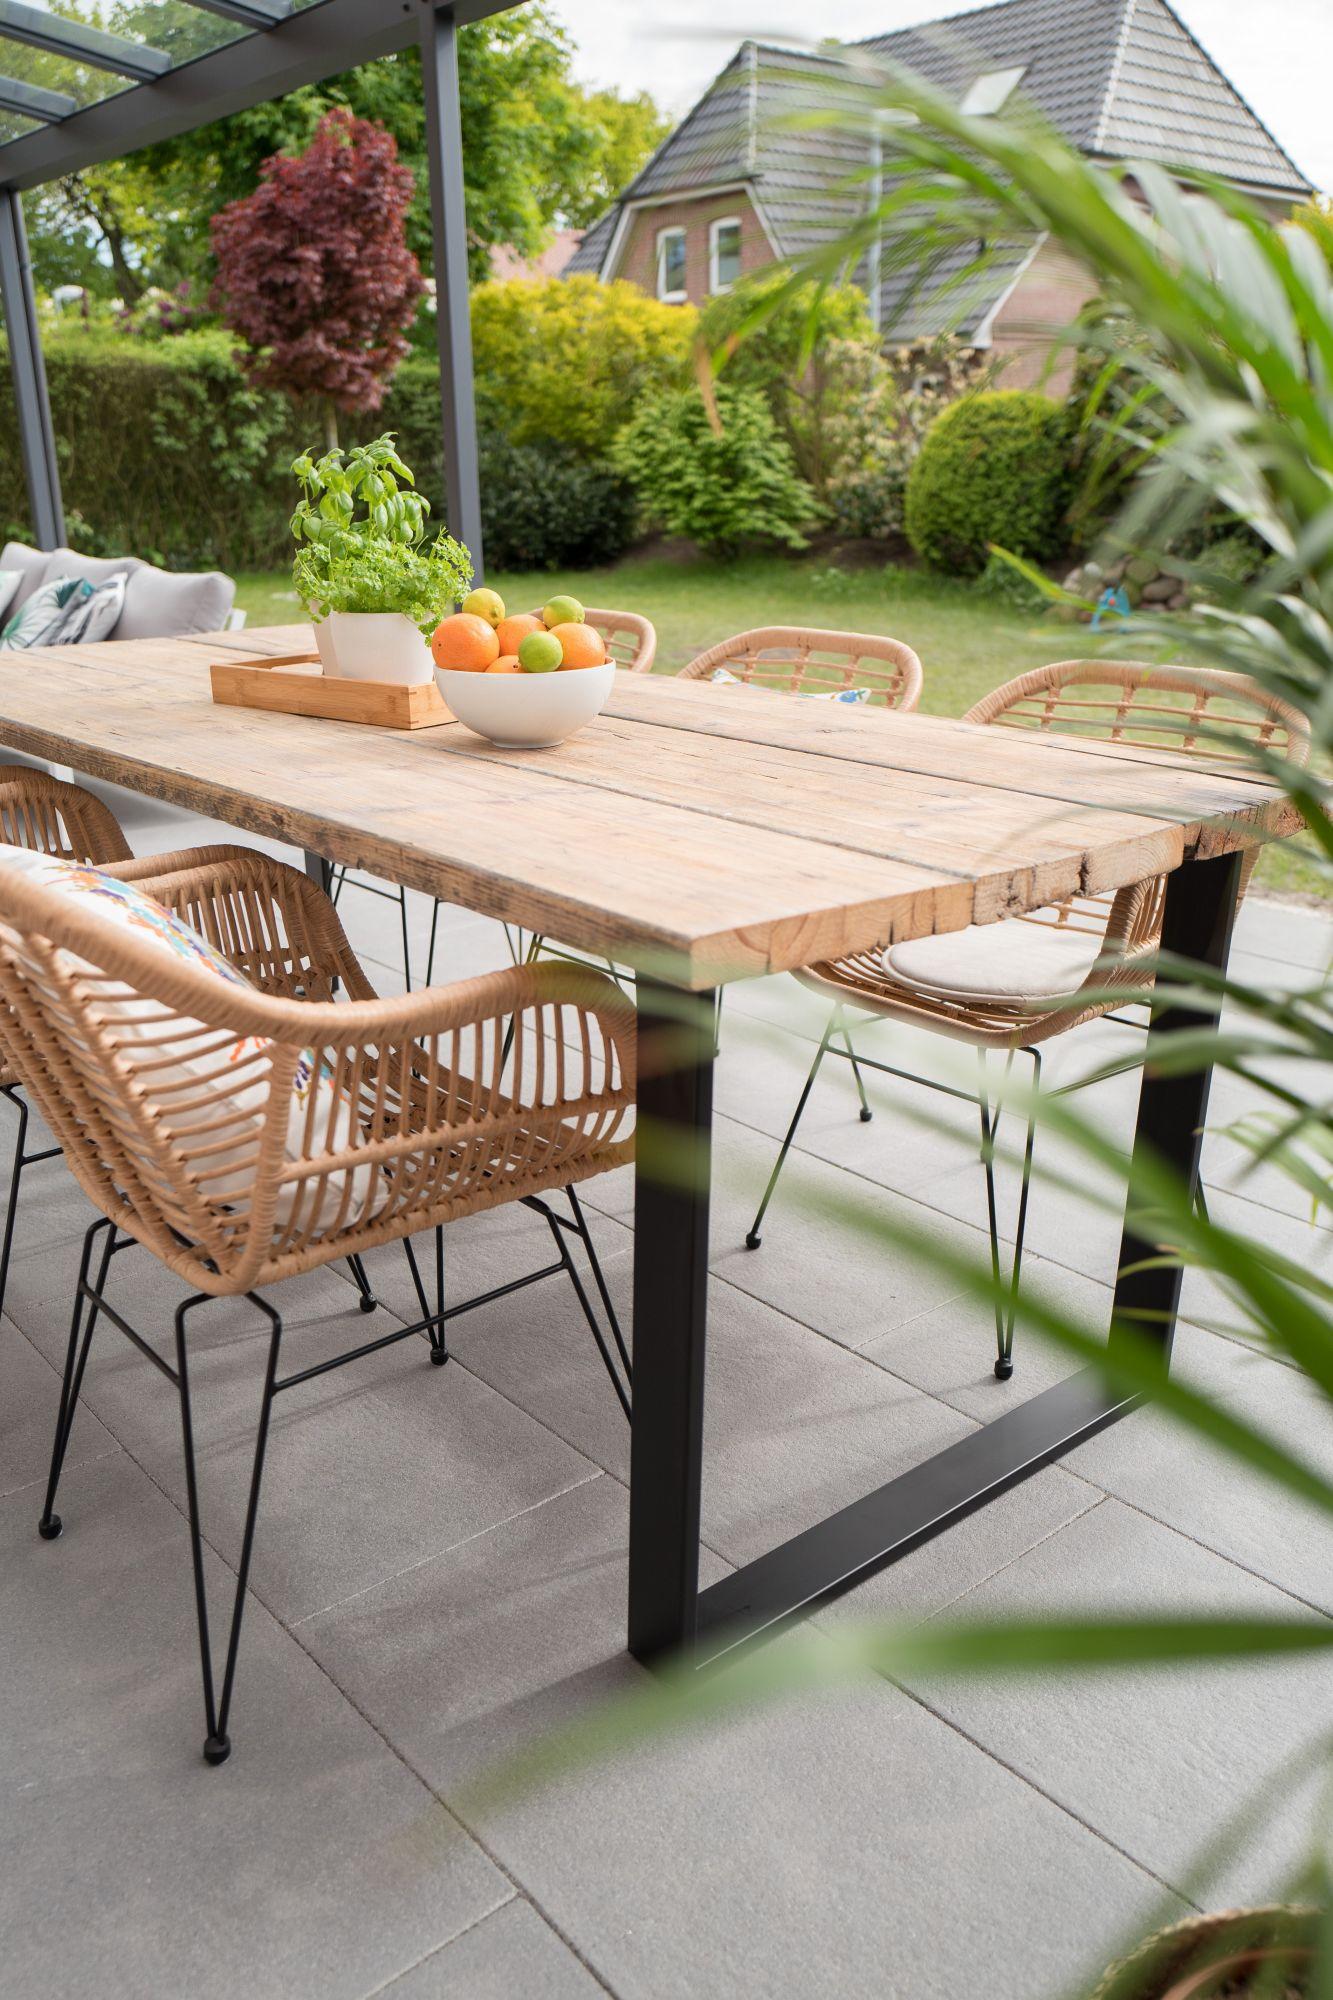 tavolo da pranzo per esterni: idee e materiali